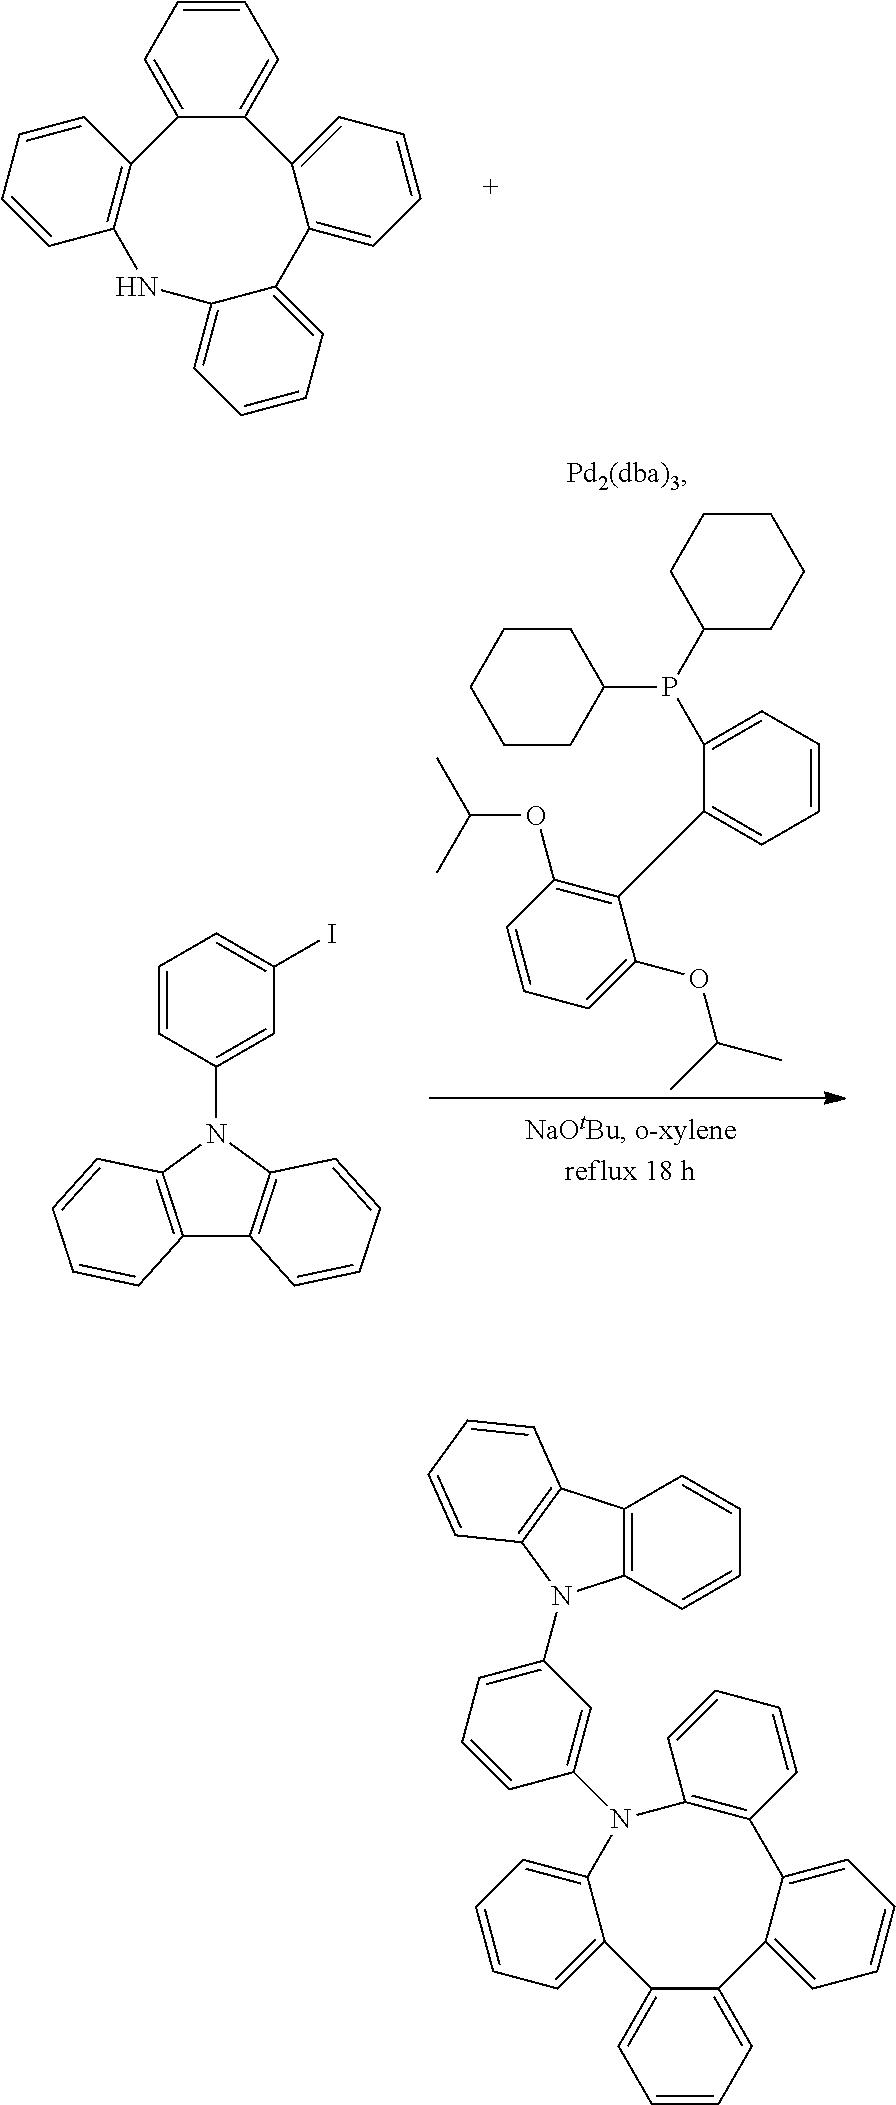 Figure US09978956-20180522-C00113